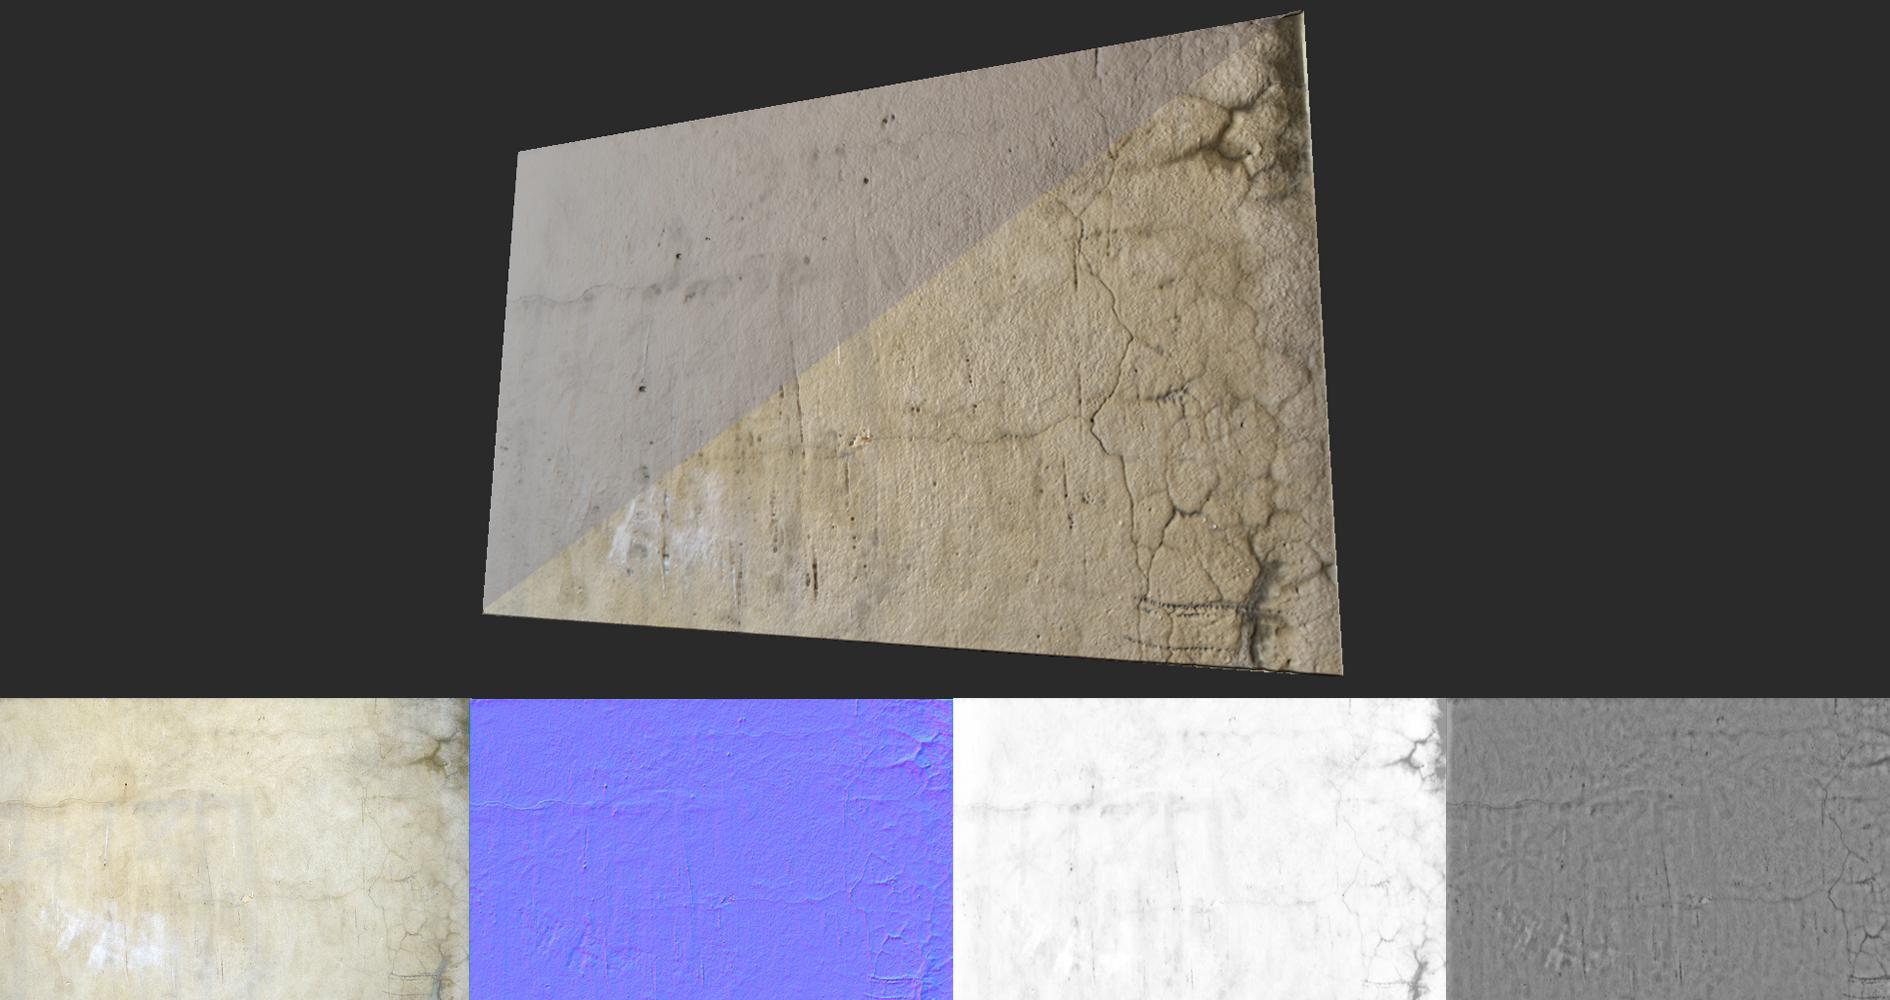 df_wall02_lowtotalv1.jpg